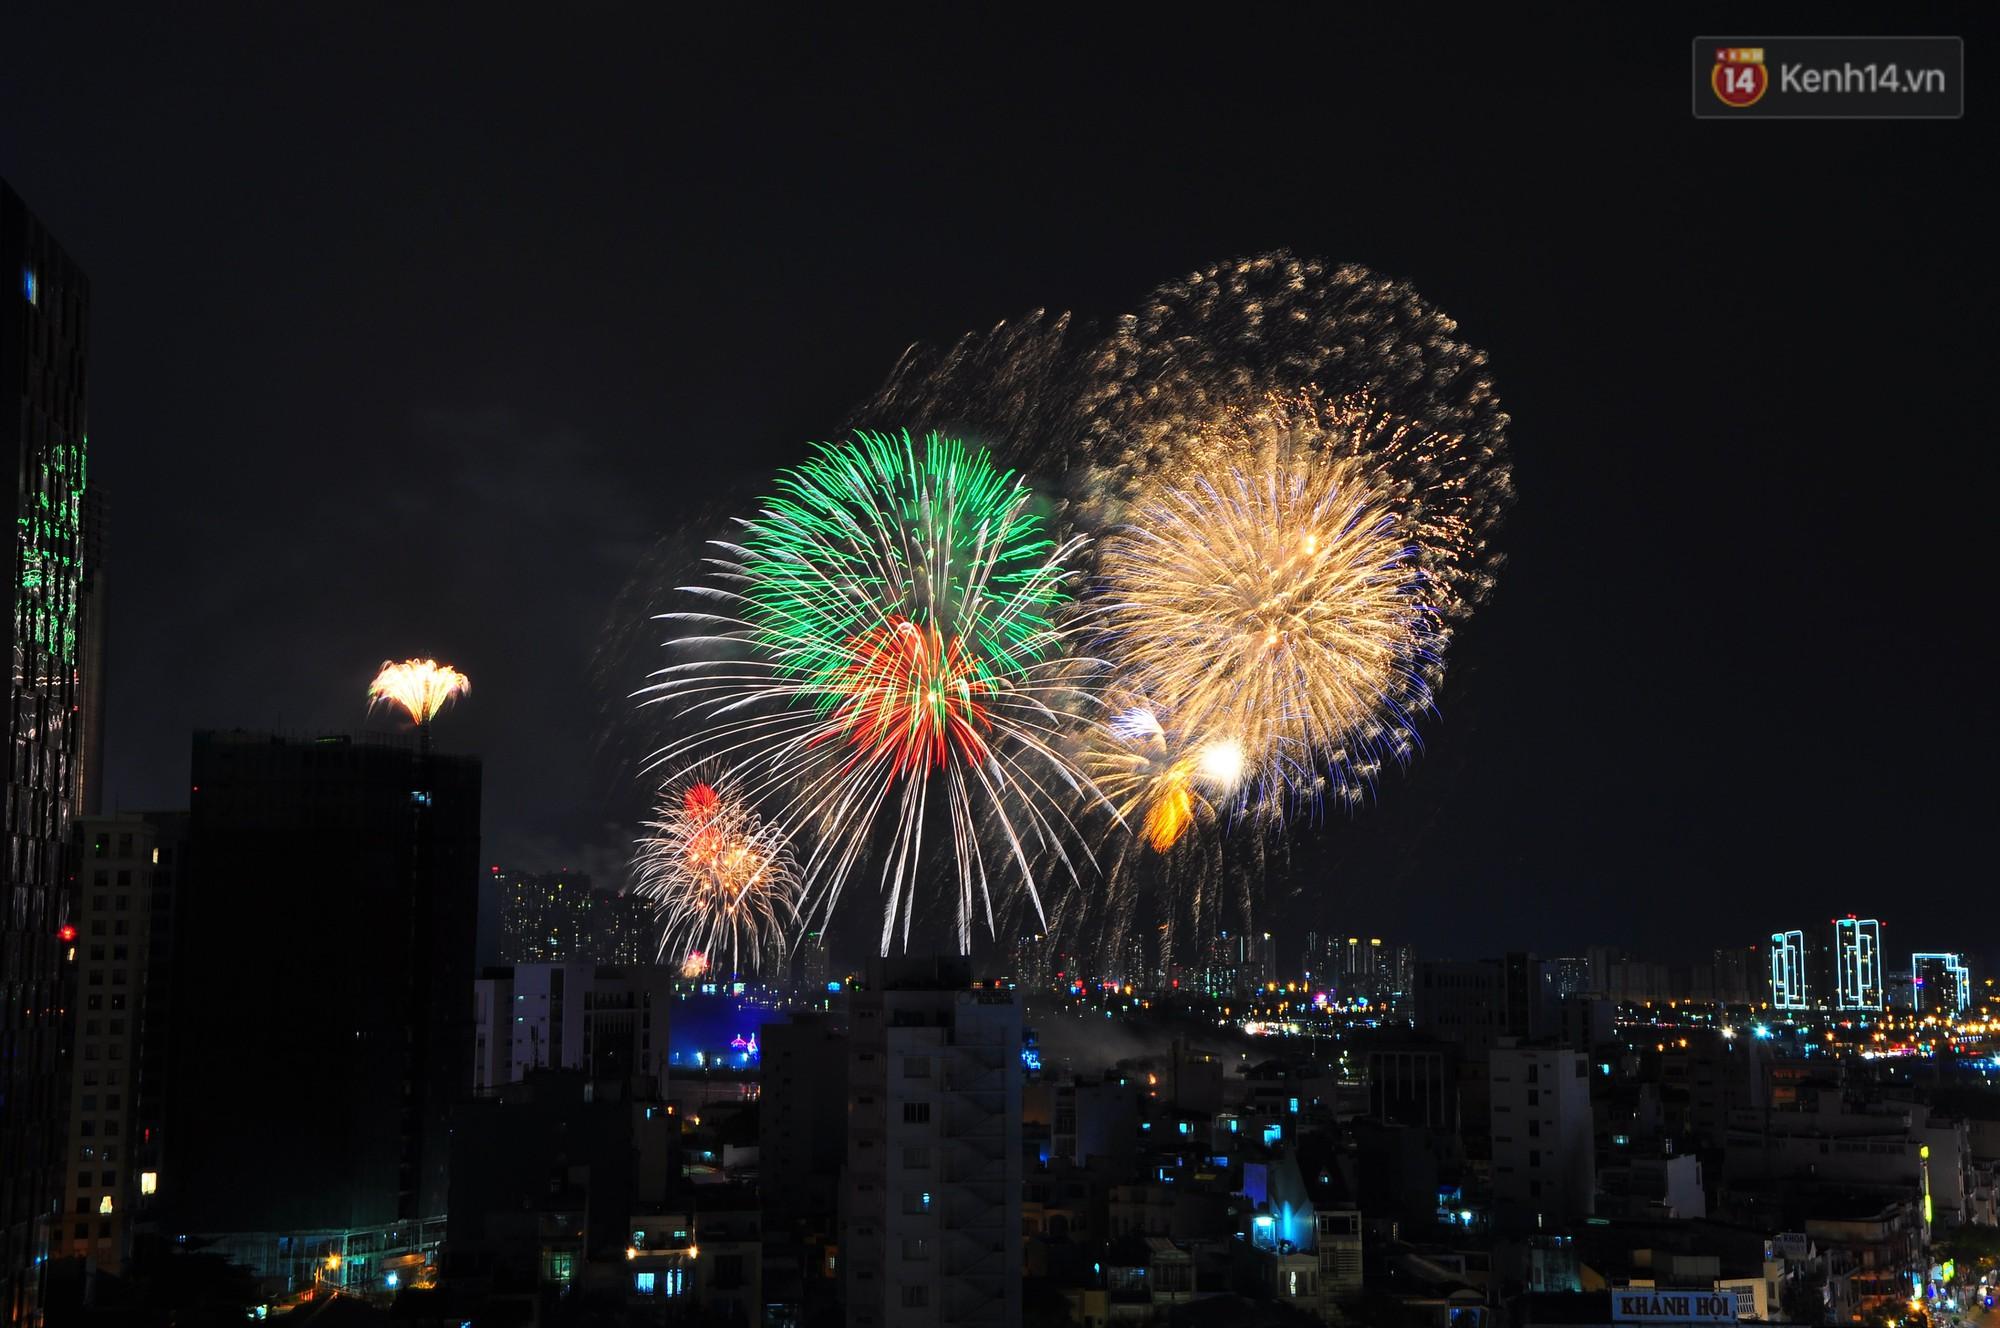 Loạt pháo hoa đẹp rực rỡ trên bầu trời Sài Gòn mừng 44 năm Giải phóng miền Nam thống nhất đất nước - Ảnh 9.